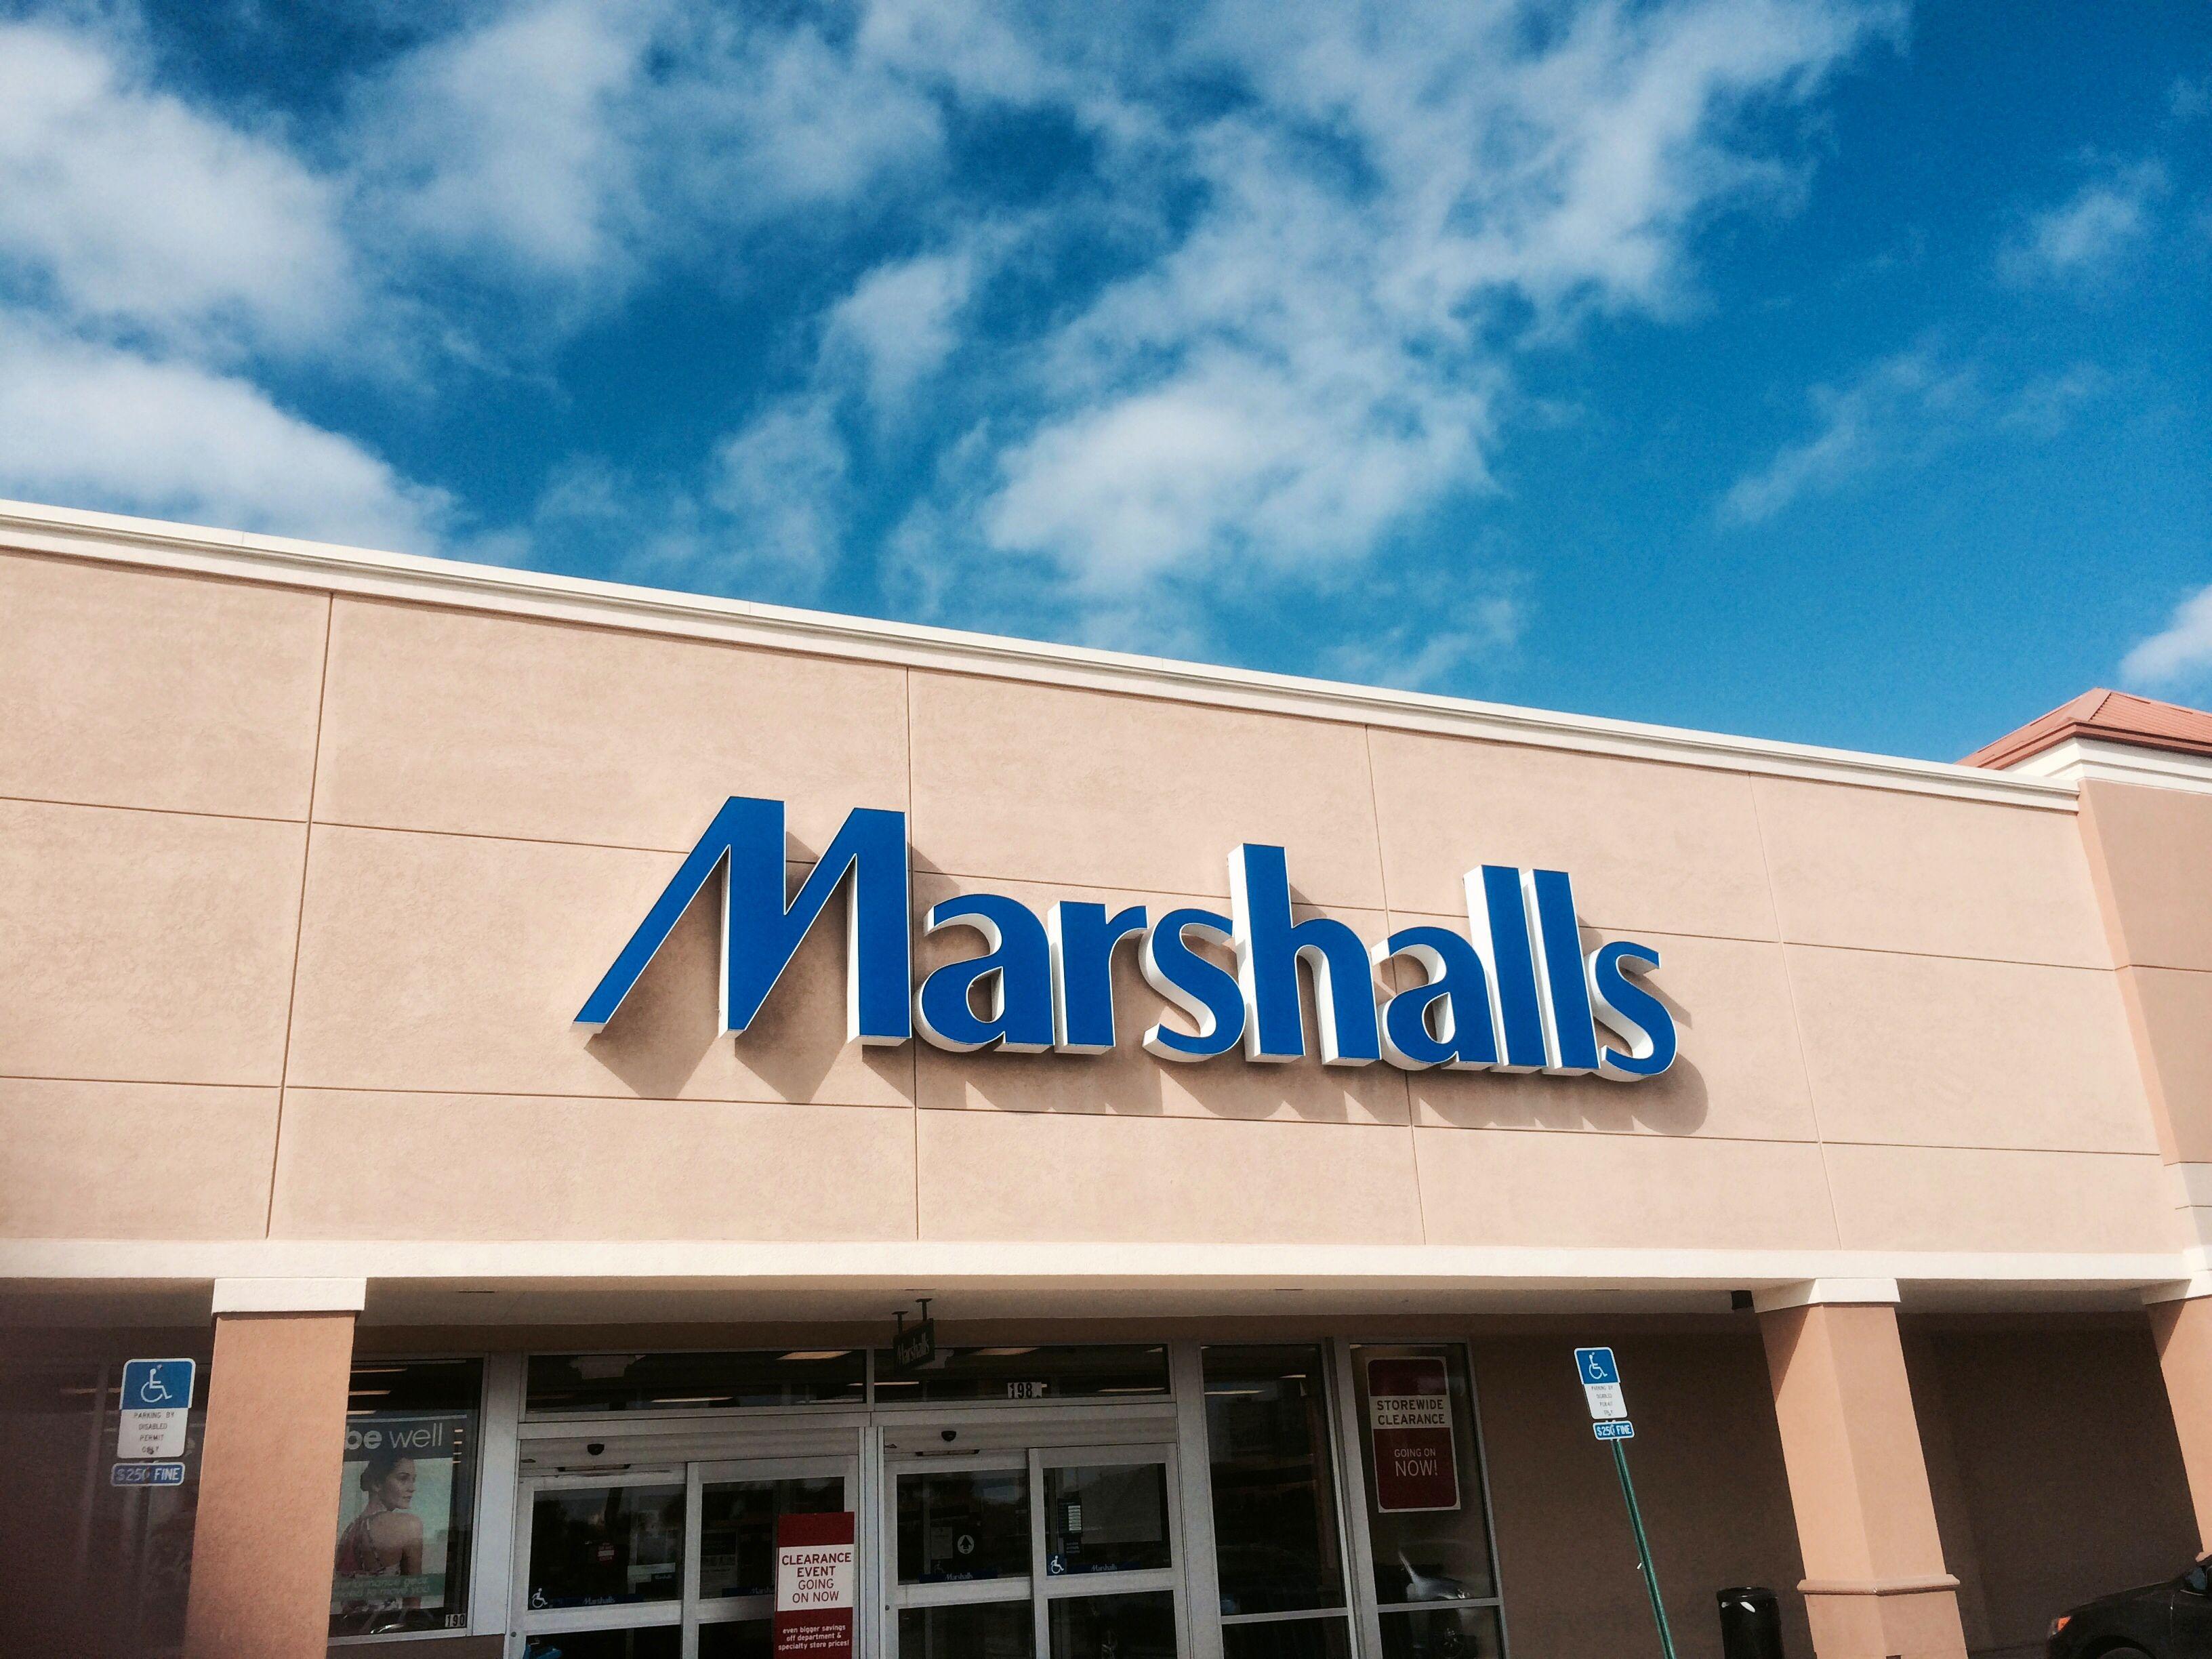 Marshall usa shop